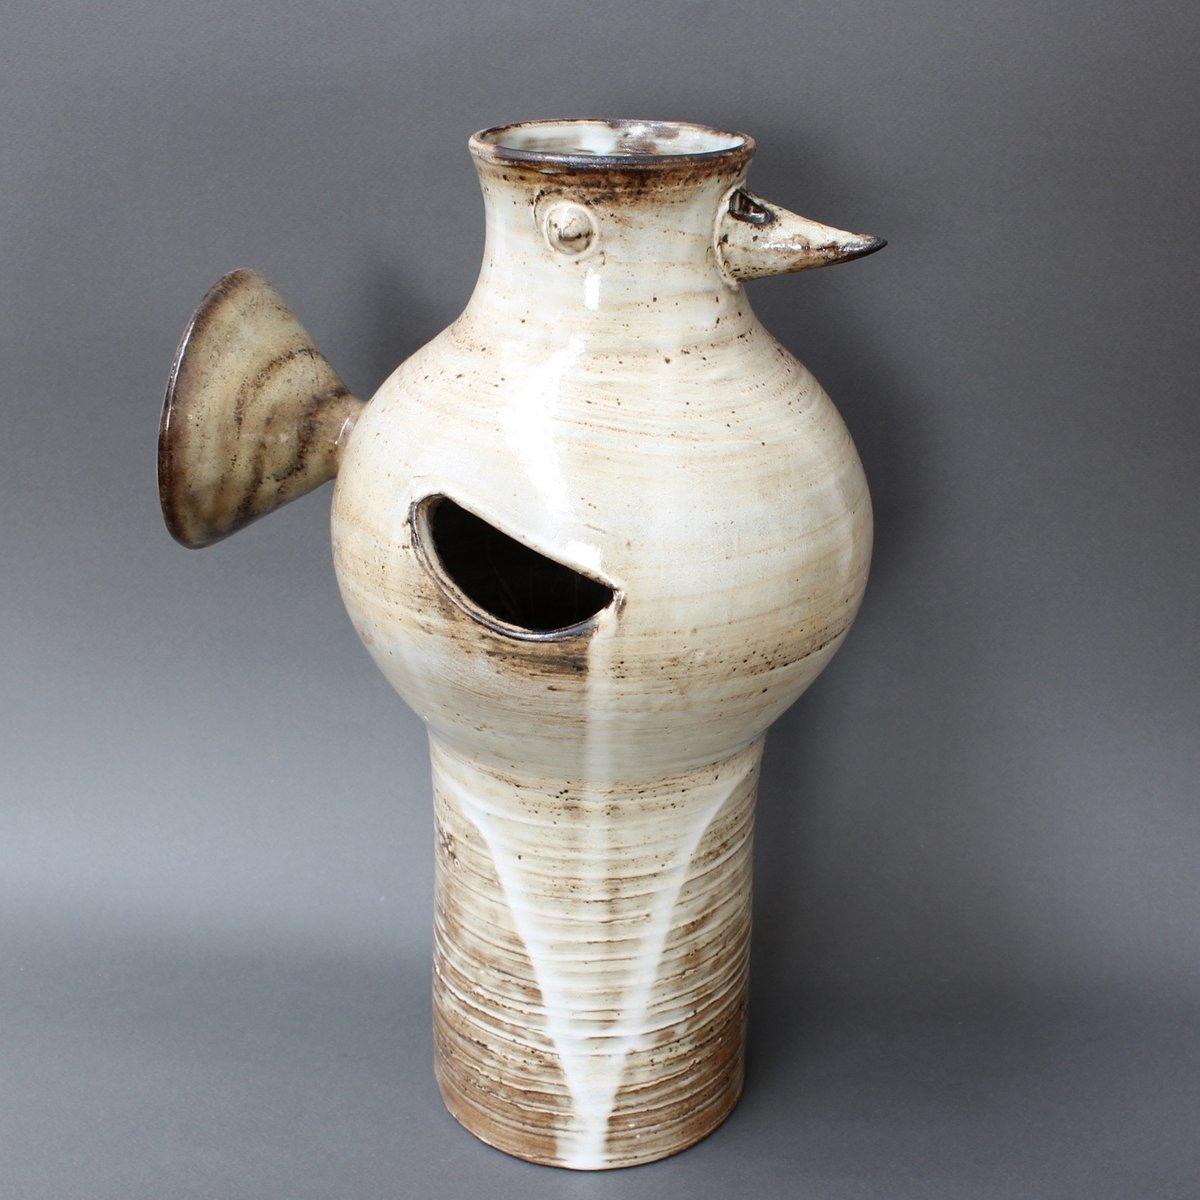 Vintage glazed ceramic bird shaped vase by jacques pouchain for vintage glazed ceramic bird shaped vase by jacques pouchain reviewsmspy